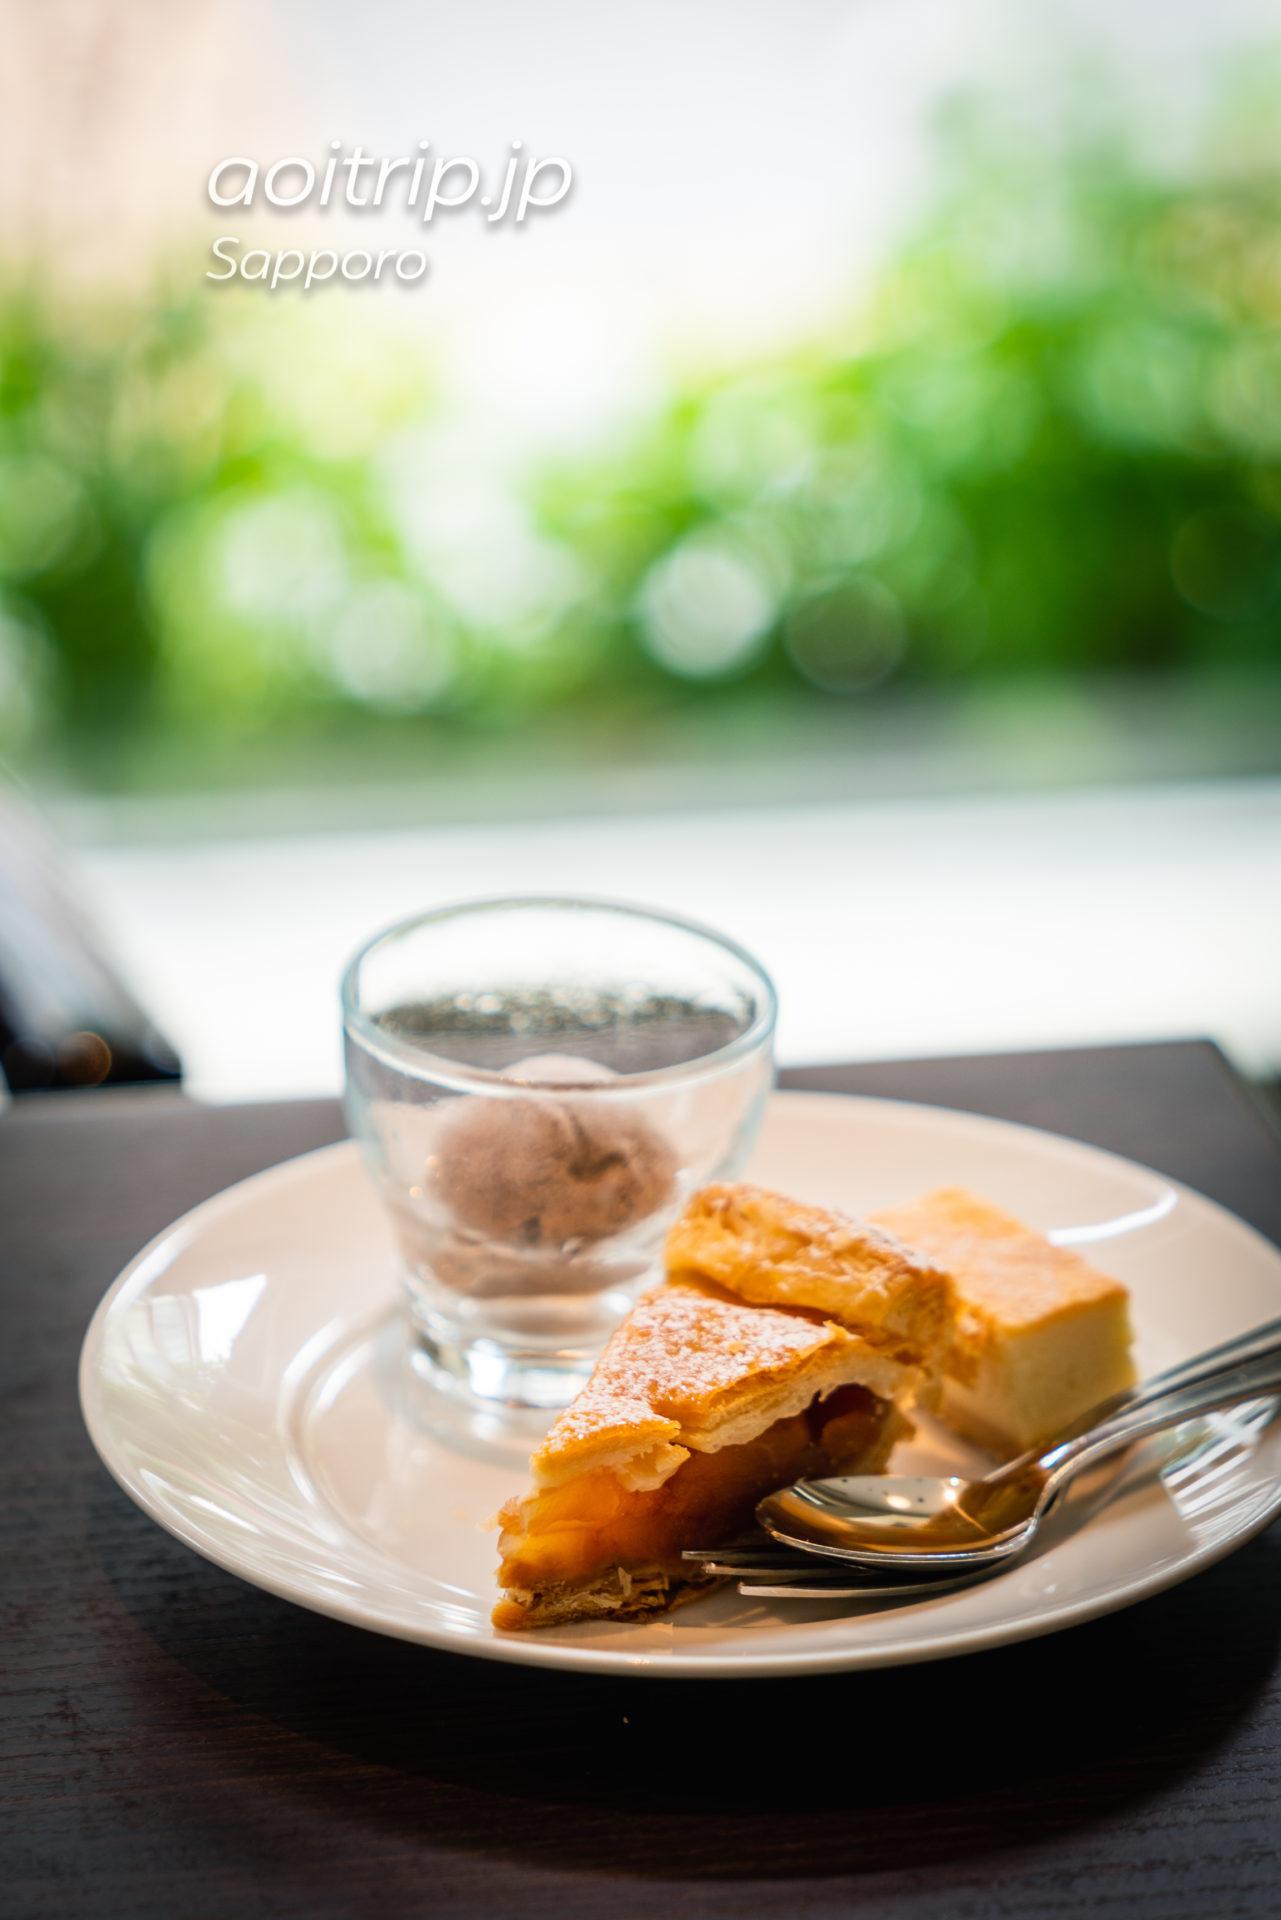 札幌グランドホテルの朝食 アップルパイ